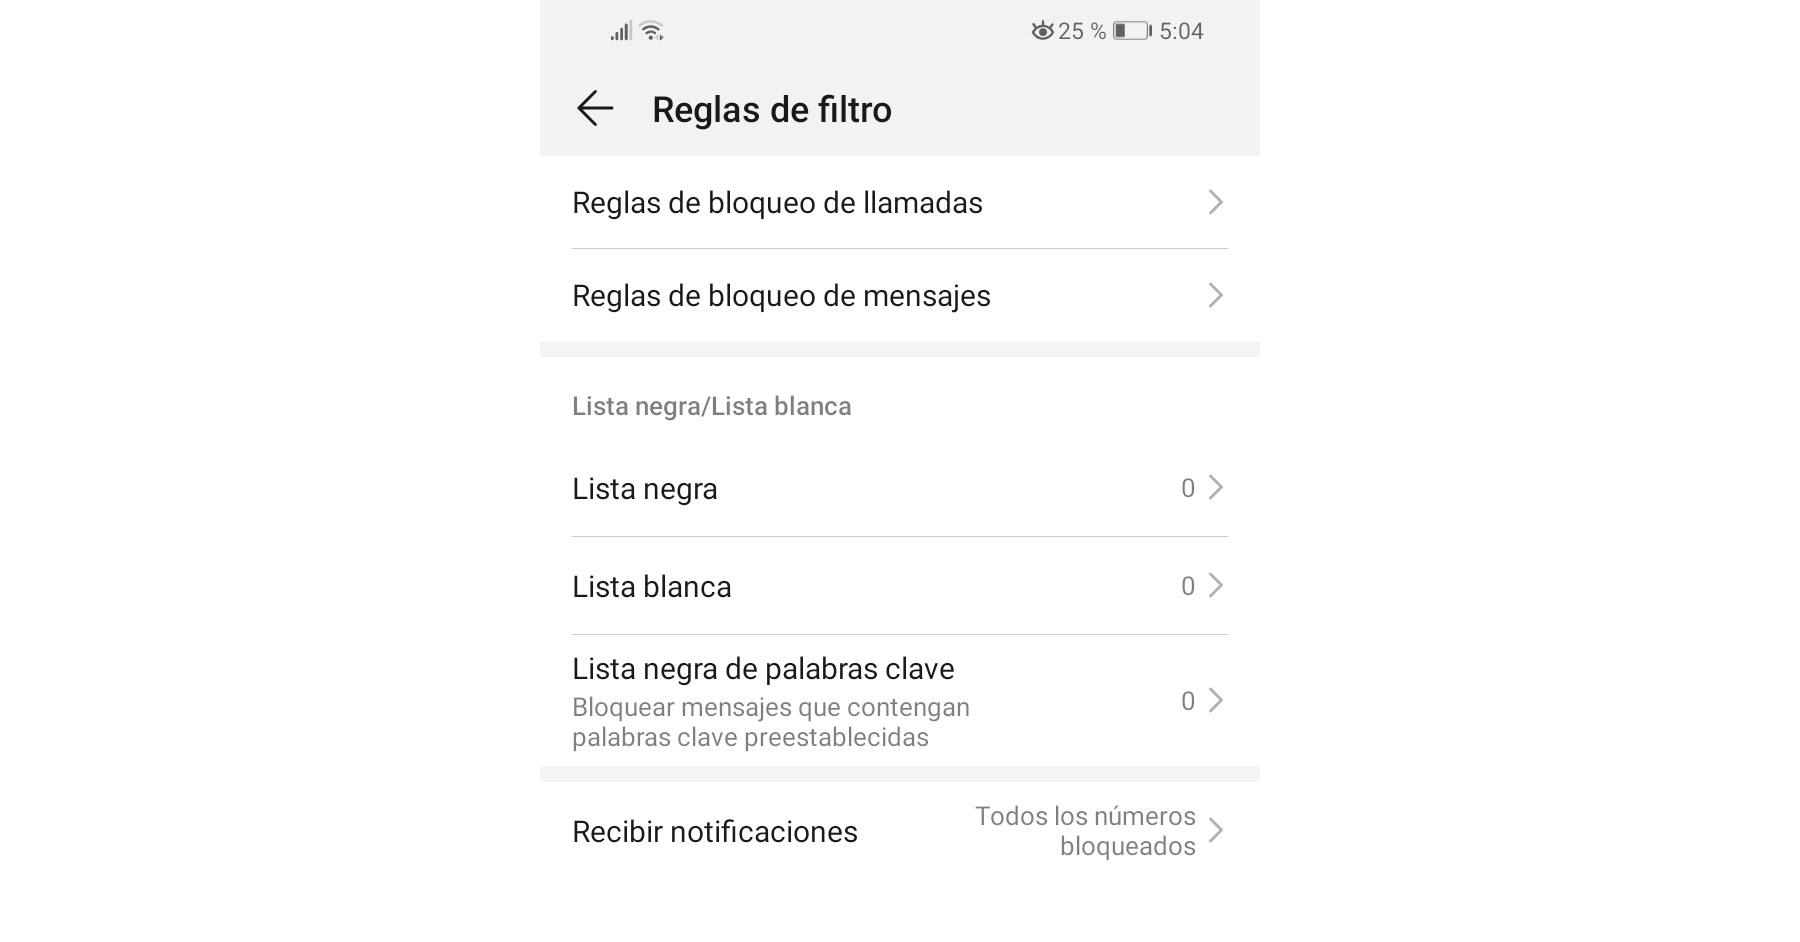 Añadir números a la lista negra en Android (bloquear SMS y llamadas)